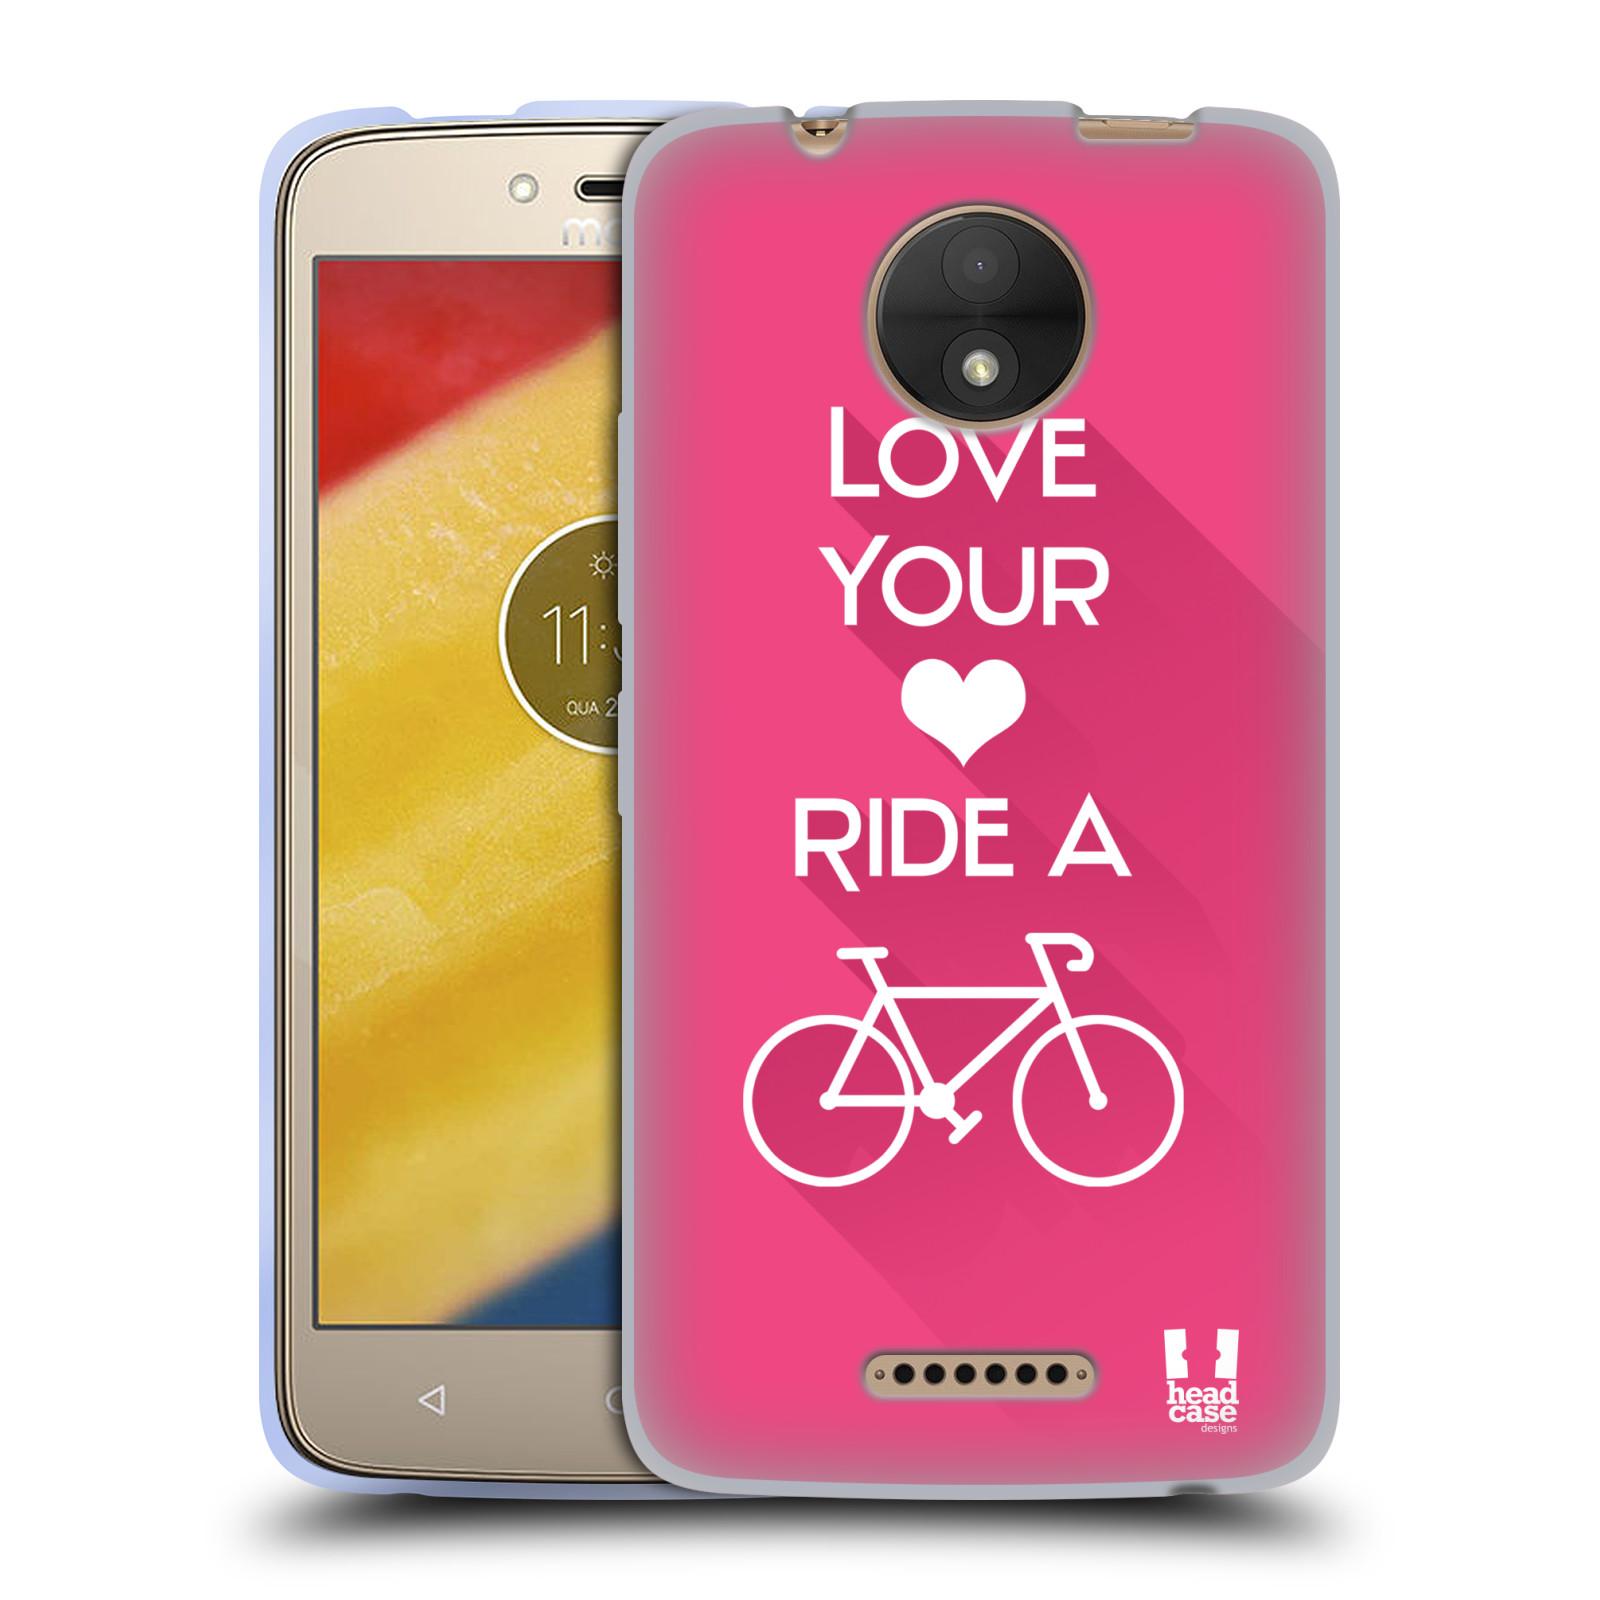 HEAD CASE silikonový obal na mobil Lenovo Moto C Cyklista růžové pozadí  kolo sport 4a5cb25a9bb